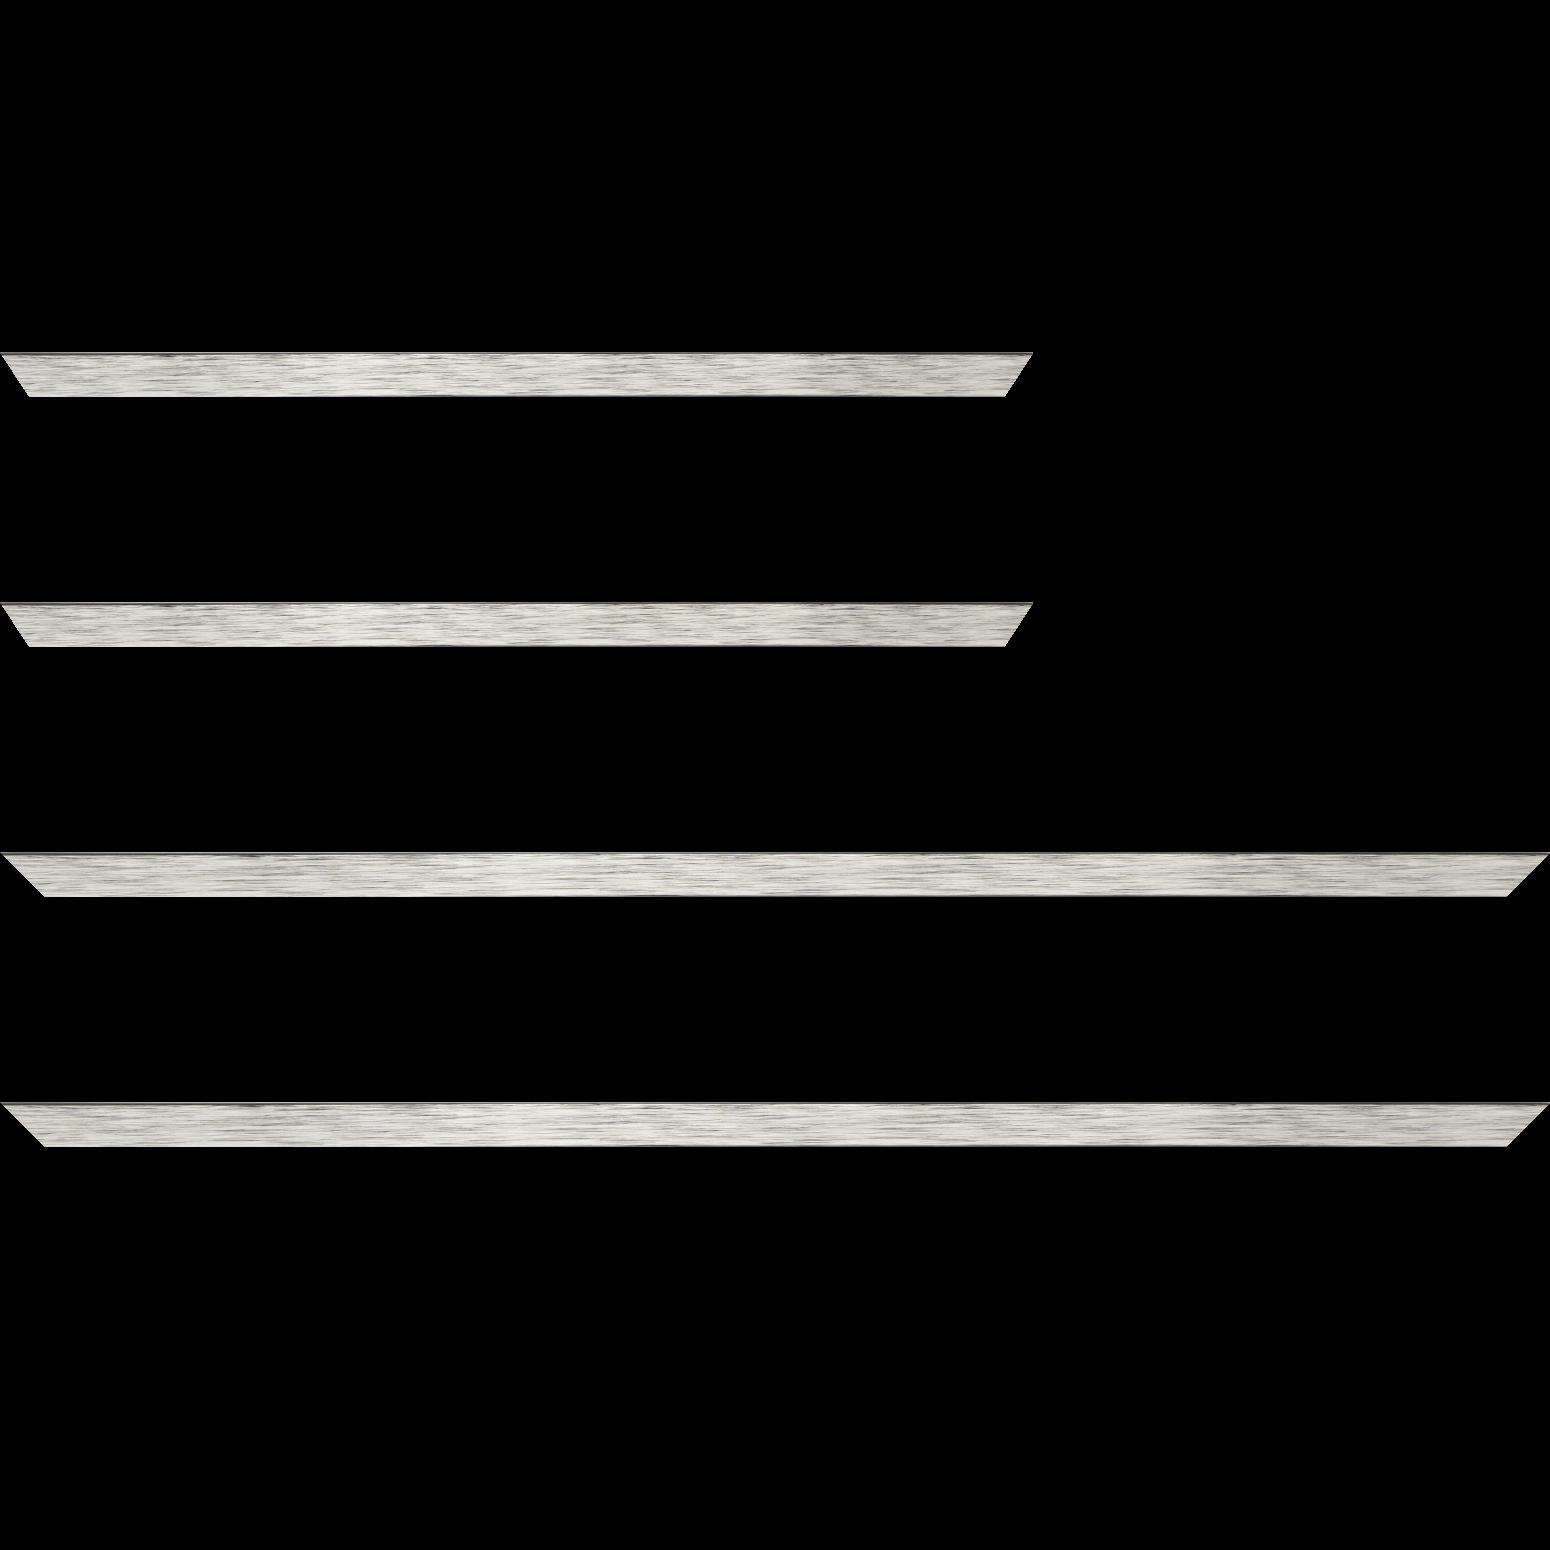 Baguette bois profil plat largeur 1.5cm couleur argent